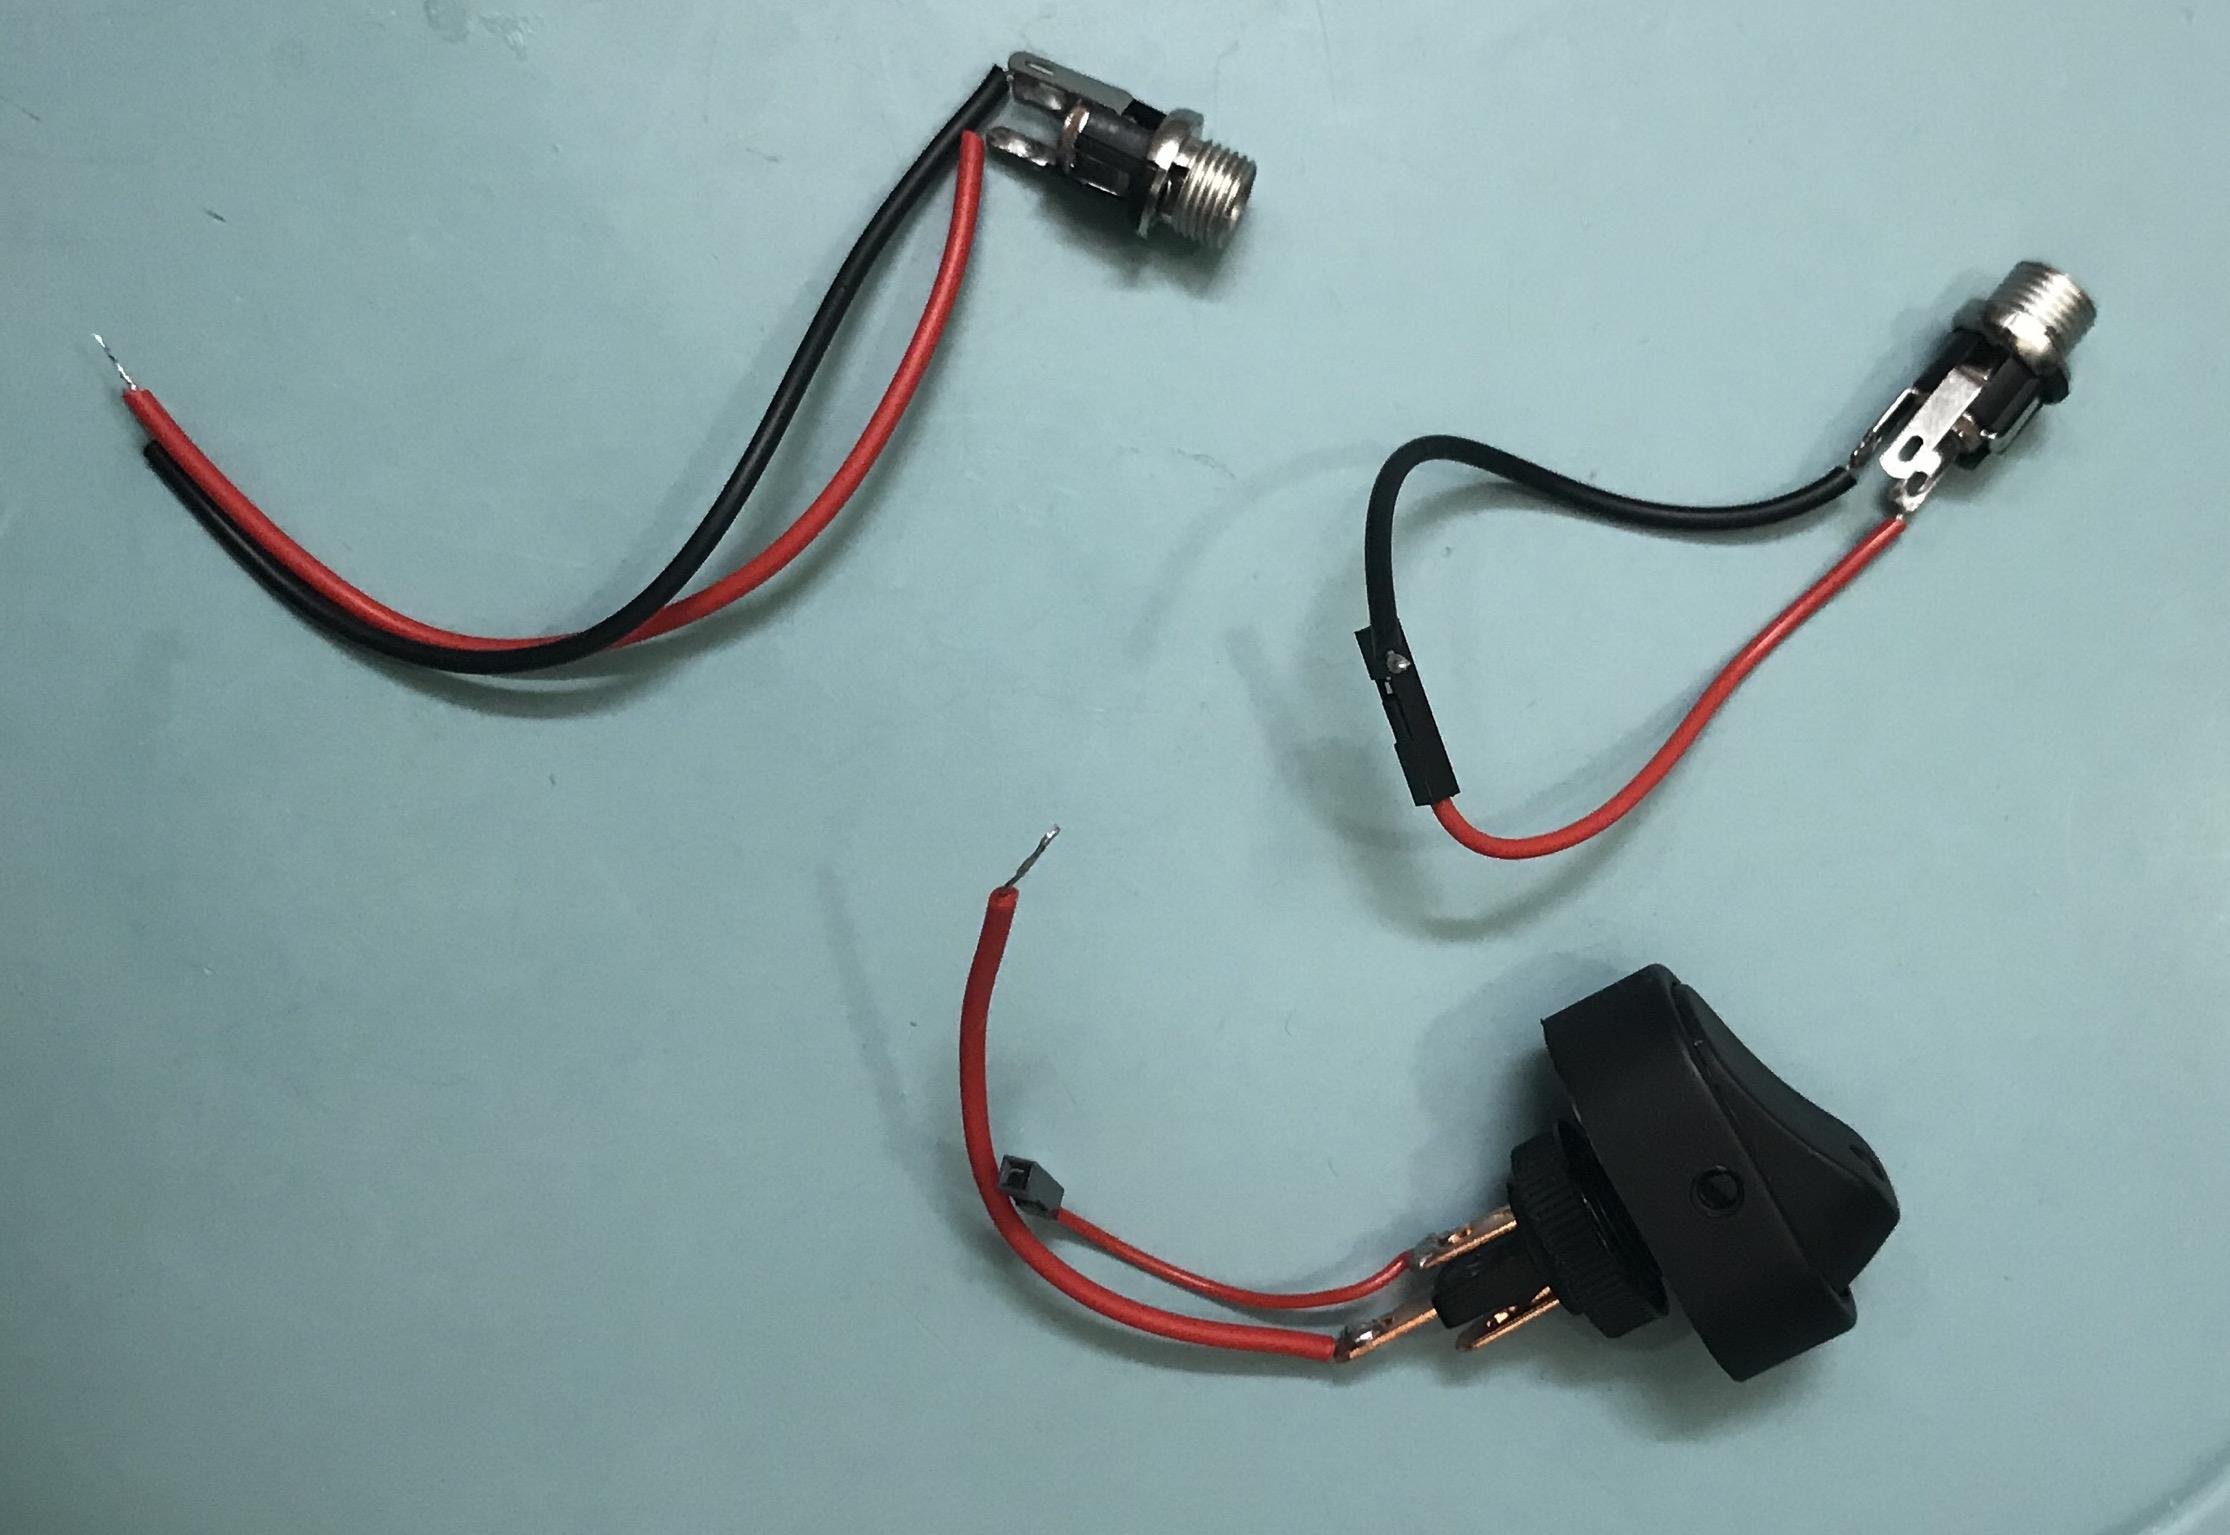 adafruit_products_0ADBF07E-C963-4D8E-9F38-0040634CAF46.jpeg